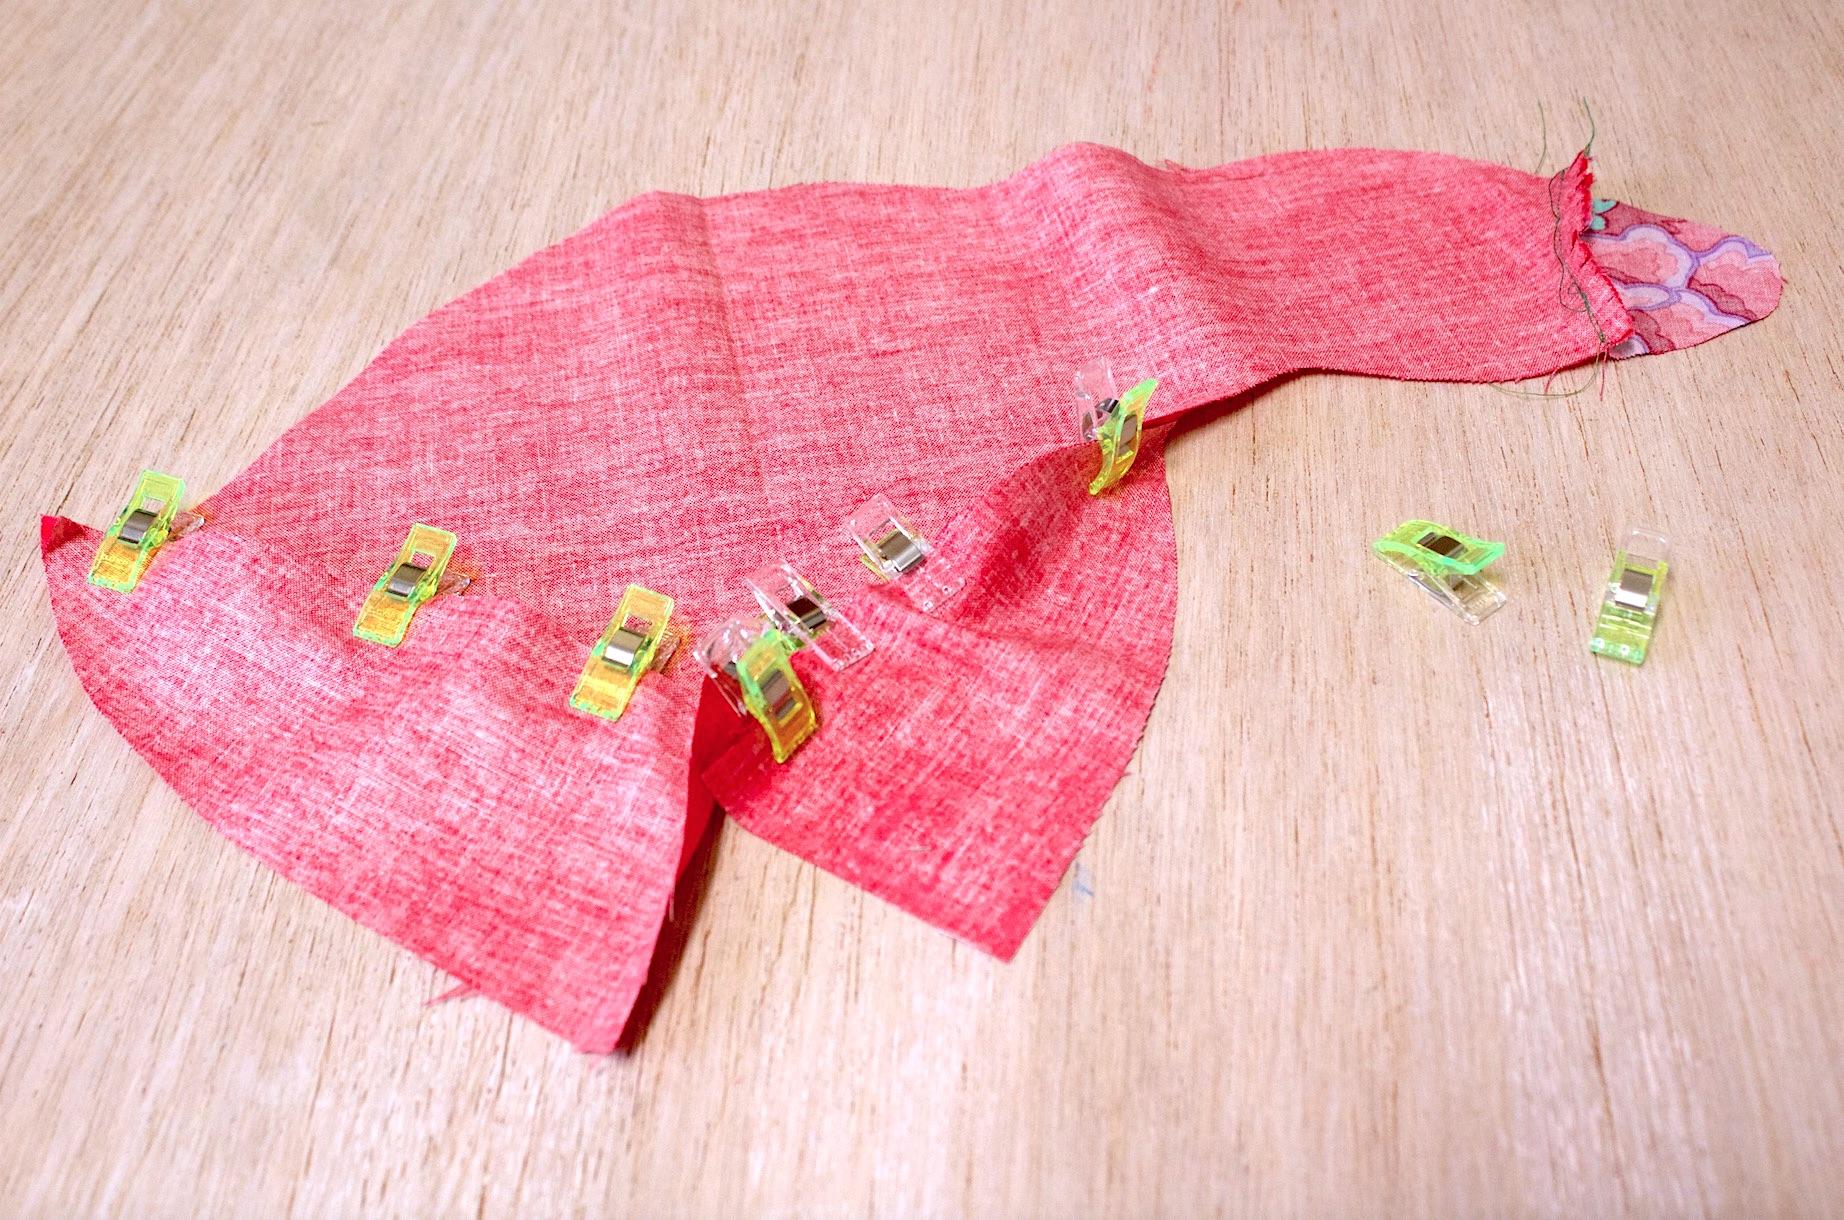 posizionate le due sottopanciadell'oca per essere cucite